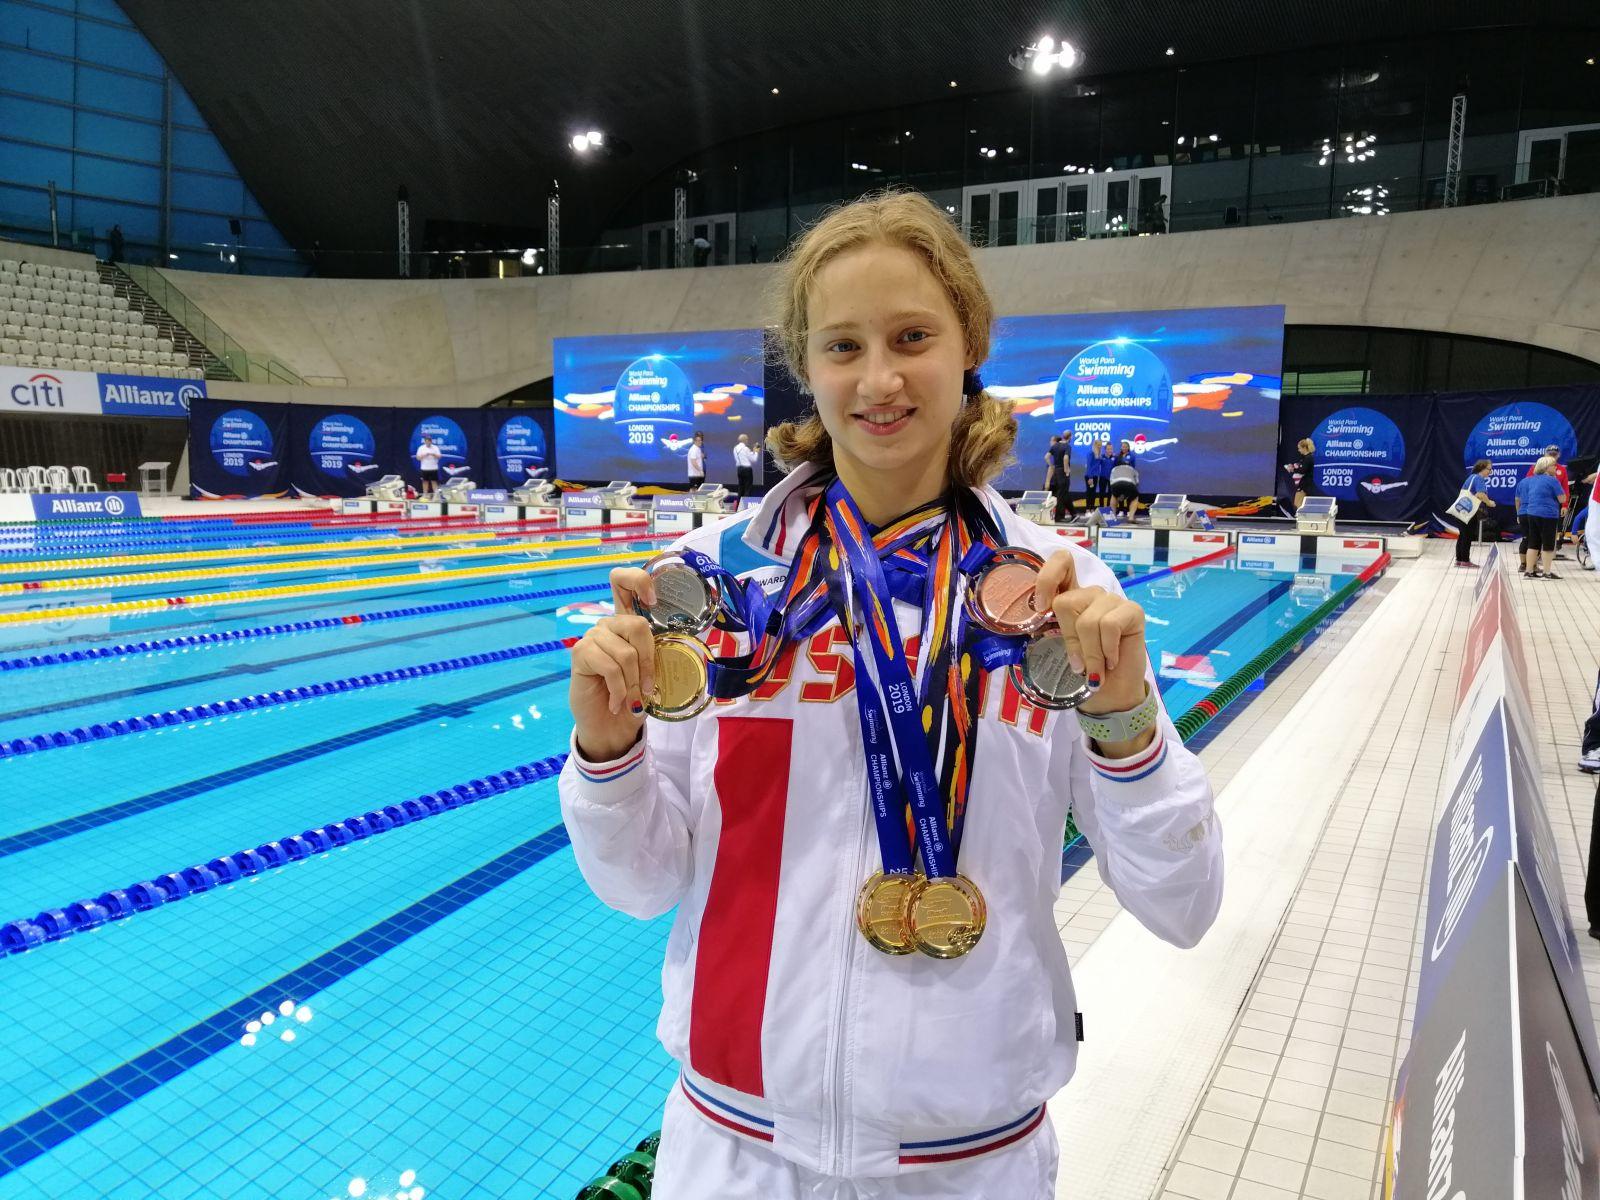 #тренимвместе с 3-кратным победителем, 2-кратным серебряным и бронзовым призером чемпионата мира 2019 года по плаванию спорта лиц с ИН Валерией Шабалиной